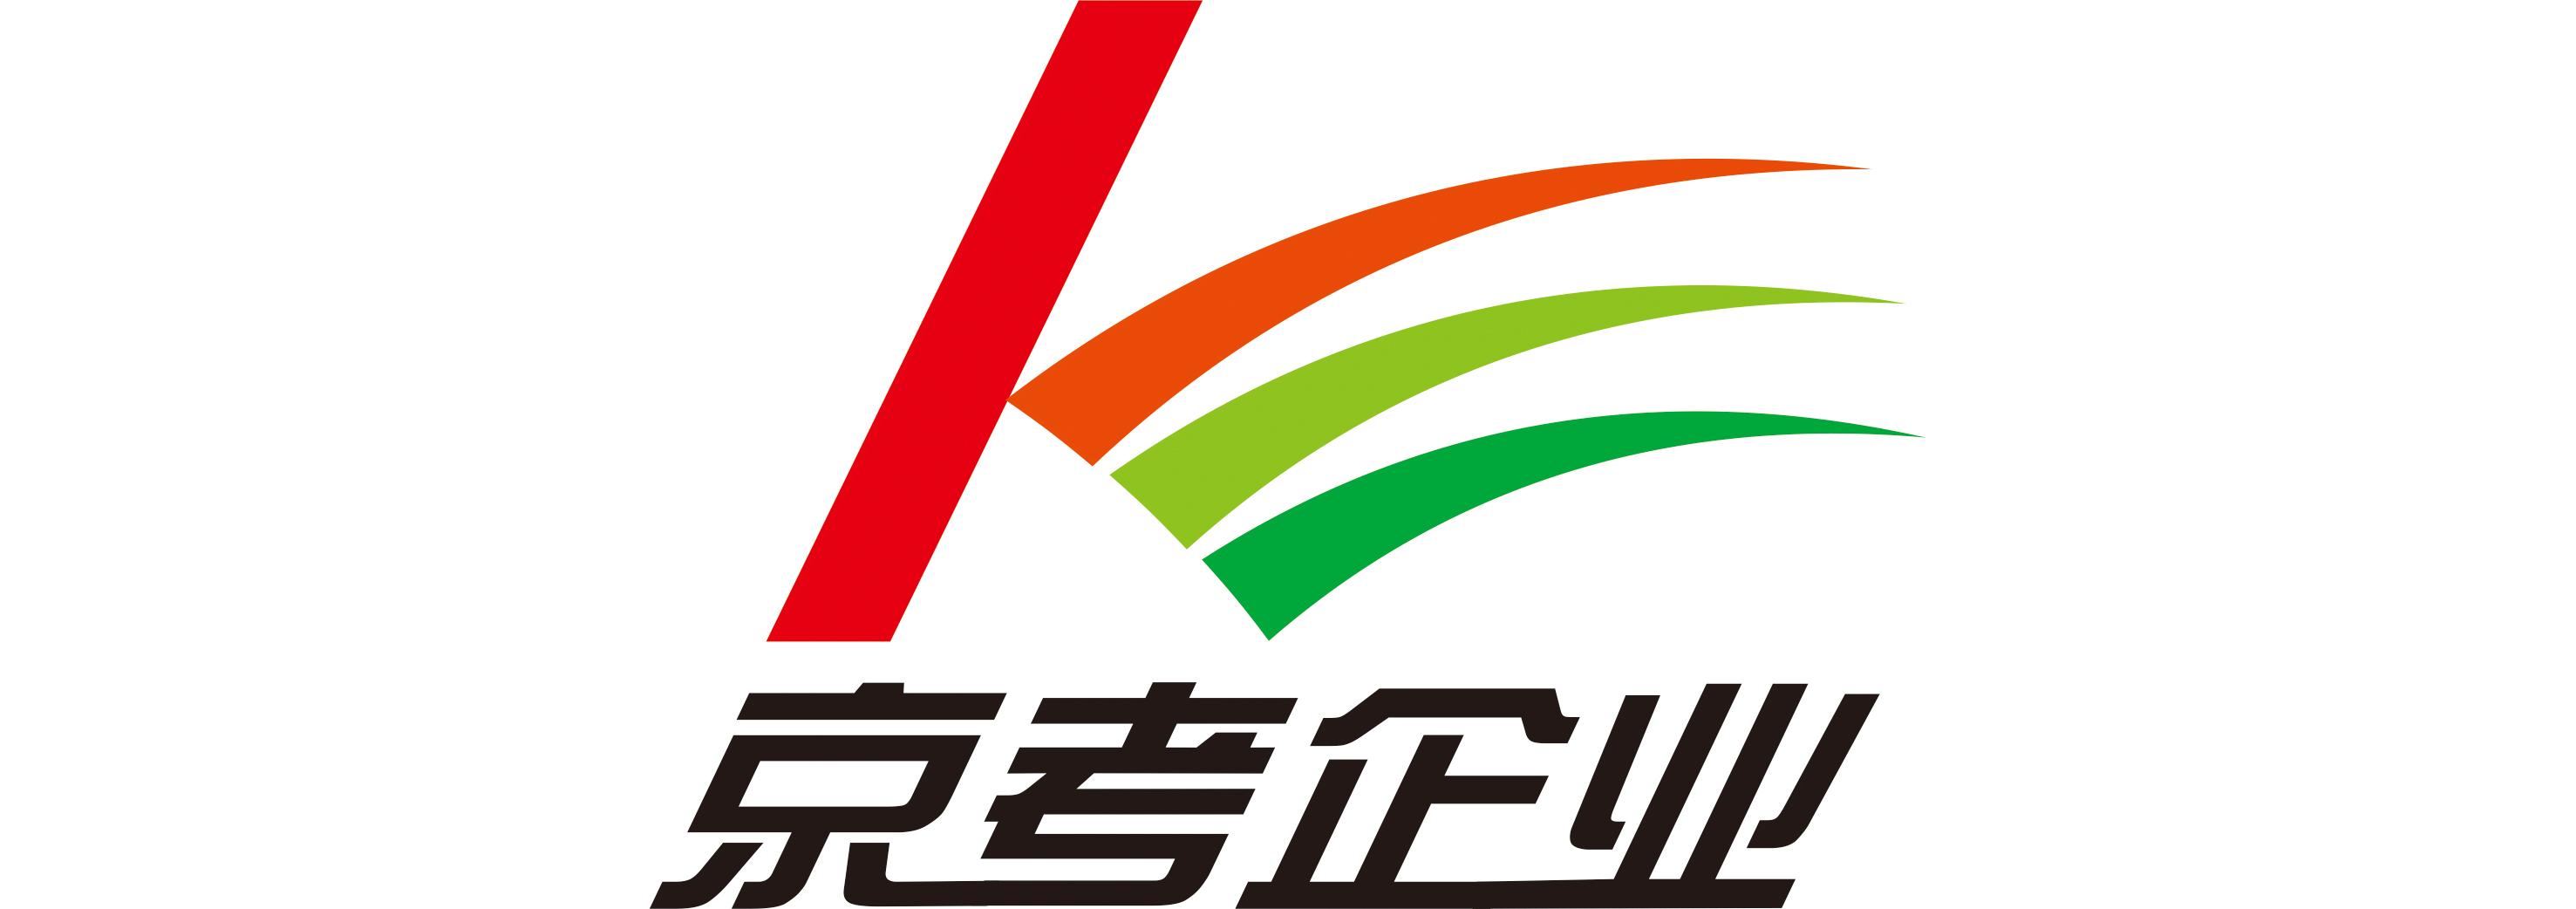 北京京考飞宇科技有限公司-深圳物联网展会